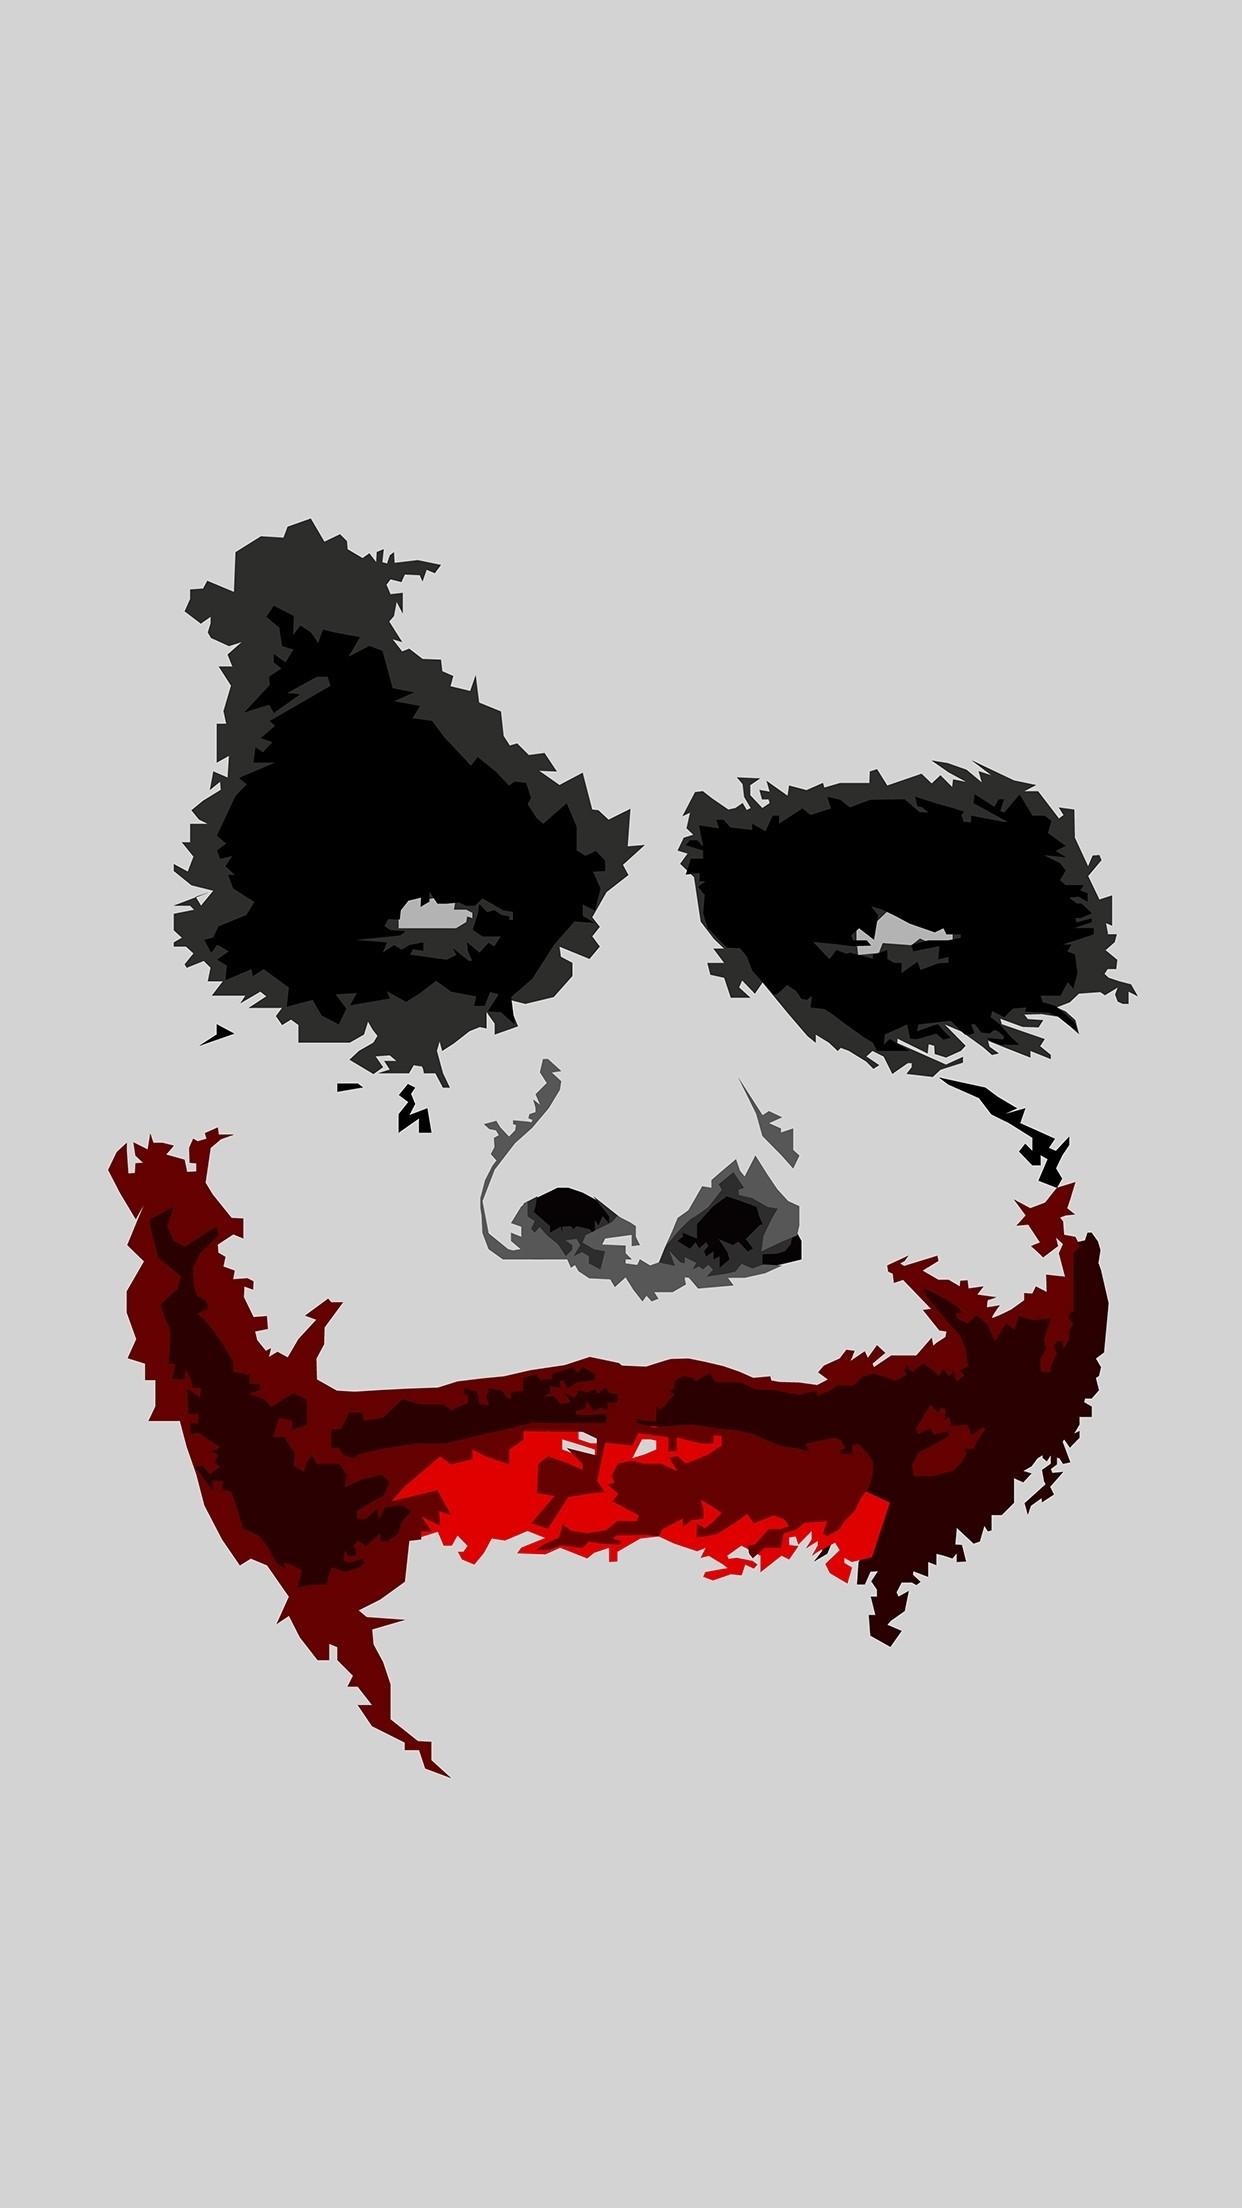 Joker Iphone 6 Wallpaper – Wallpapersafari